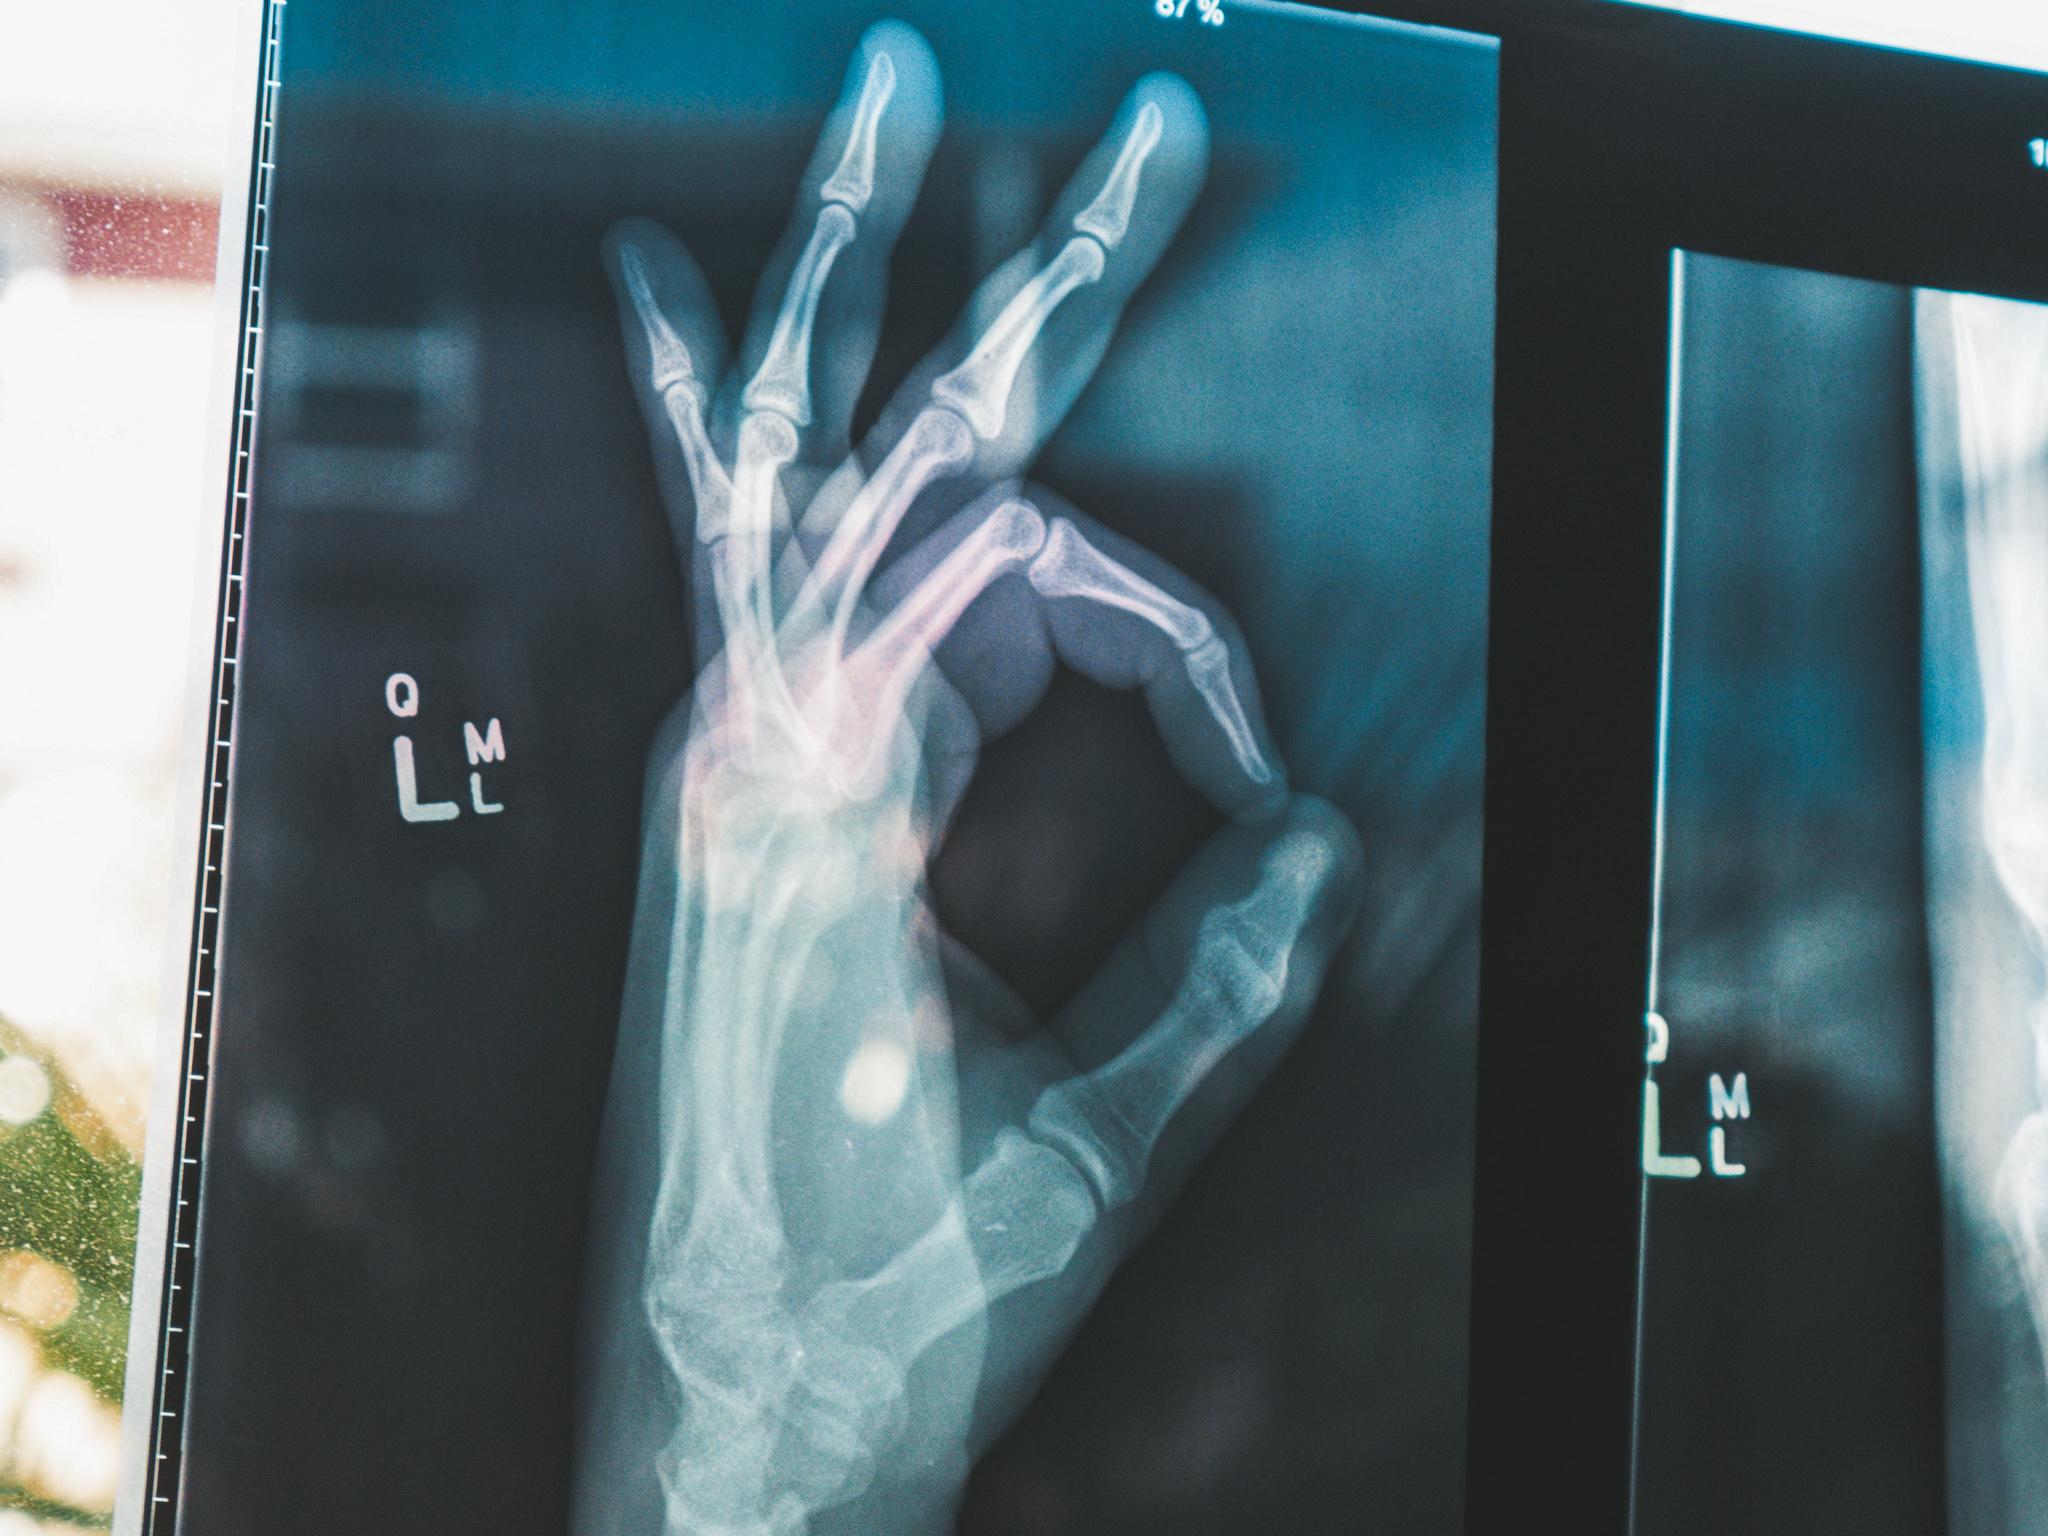 Röntgenbild von Hand